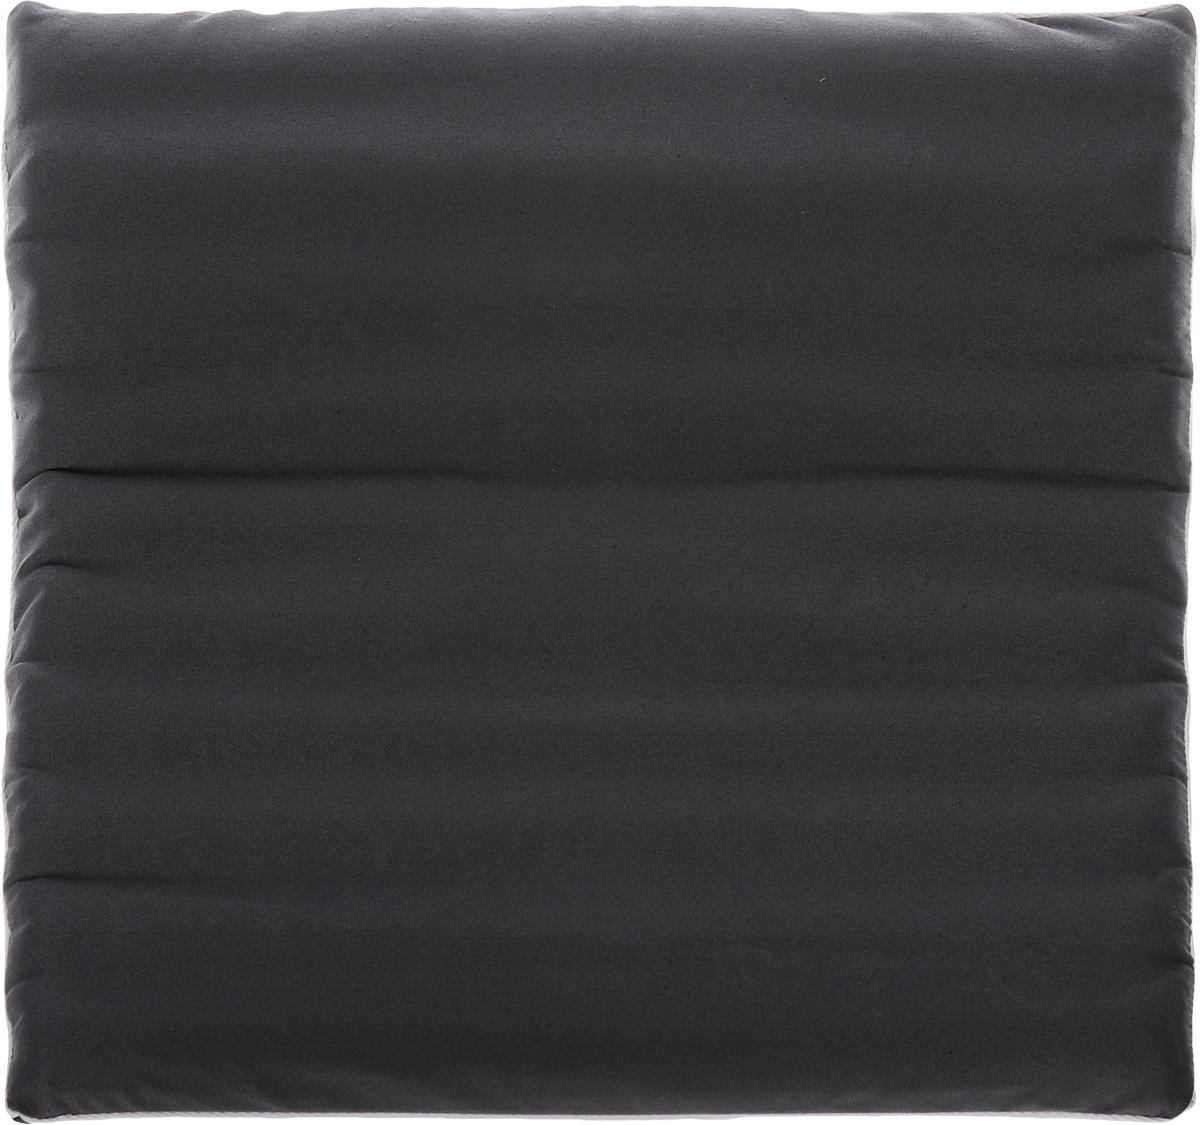 Подушка на сиденье Smart Textile Гемо-комфорт офис, с чехлом, наполнитель: лузга гречихи, 50 х 50 смT579Подушка на сиденье Smart Textile Гемо-комфорт офис создана для тех, кто весь свой рабочий день вынужден проводить в офисном кресле. Наполнителем служат лепестки лузги гречихи, которые обеспечивают микромассаж кожи и поверхностных мышц, а также обеспечивают удобную посадку и снимают напряжение.Особенности подушки:- Хорошо проветривается.- Предупреждает потение.- Поддерживает комфортную температуру.- Обминается по форме тела.- Улучшает кровообращение.- Исключает затечные явления.- Предупреждает развитие заболеваний, связанных с сидячим образом жизни. Конструкция подушки, составленная из ряда валиков, обеспечивает еще больший массажный эффект, а плотная износостойкая ткань хорошо удерживает наполнитель, сохраняет форму подушки и продлевает срок службы изделия.Подушка также будет полезна и дома - при работе за компьютером, школьникам - при выполнении домашних работ, да и в любимом кресле перед телевизором.В комплект прилагается сменный чехол, выполненный из смесовой ткани, за счет чего уход за подушкой становится удобнее и проще.